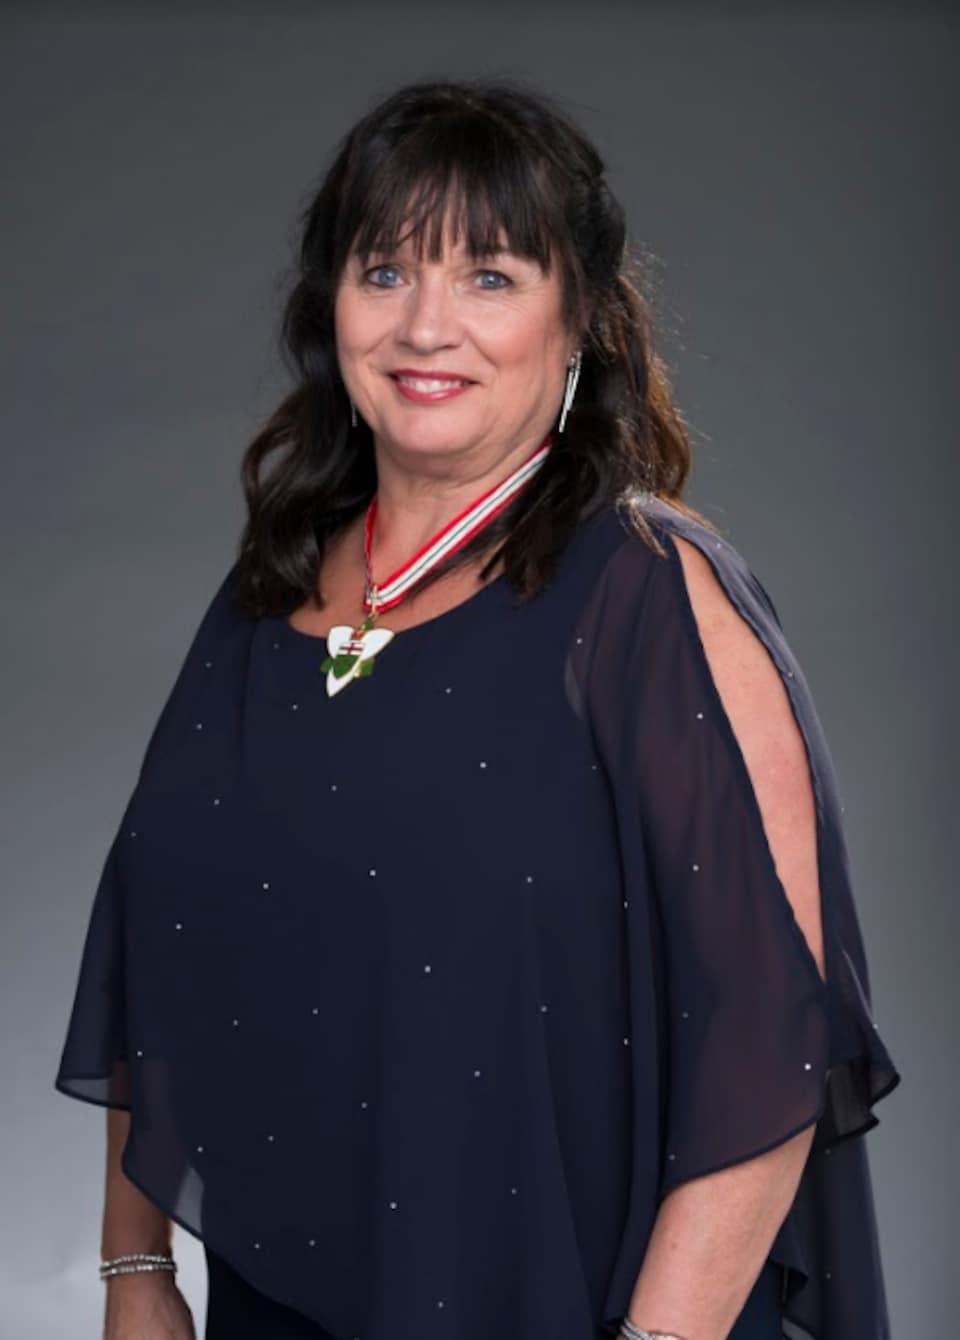 Le portrait d'une femme portant une médaille de l'Ordre de l'Ontario.